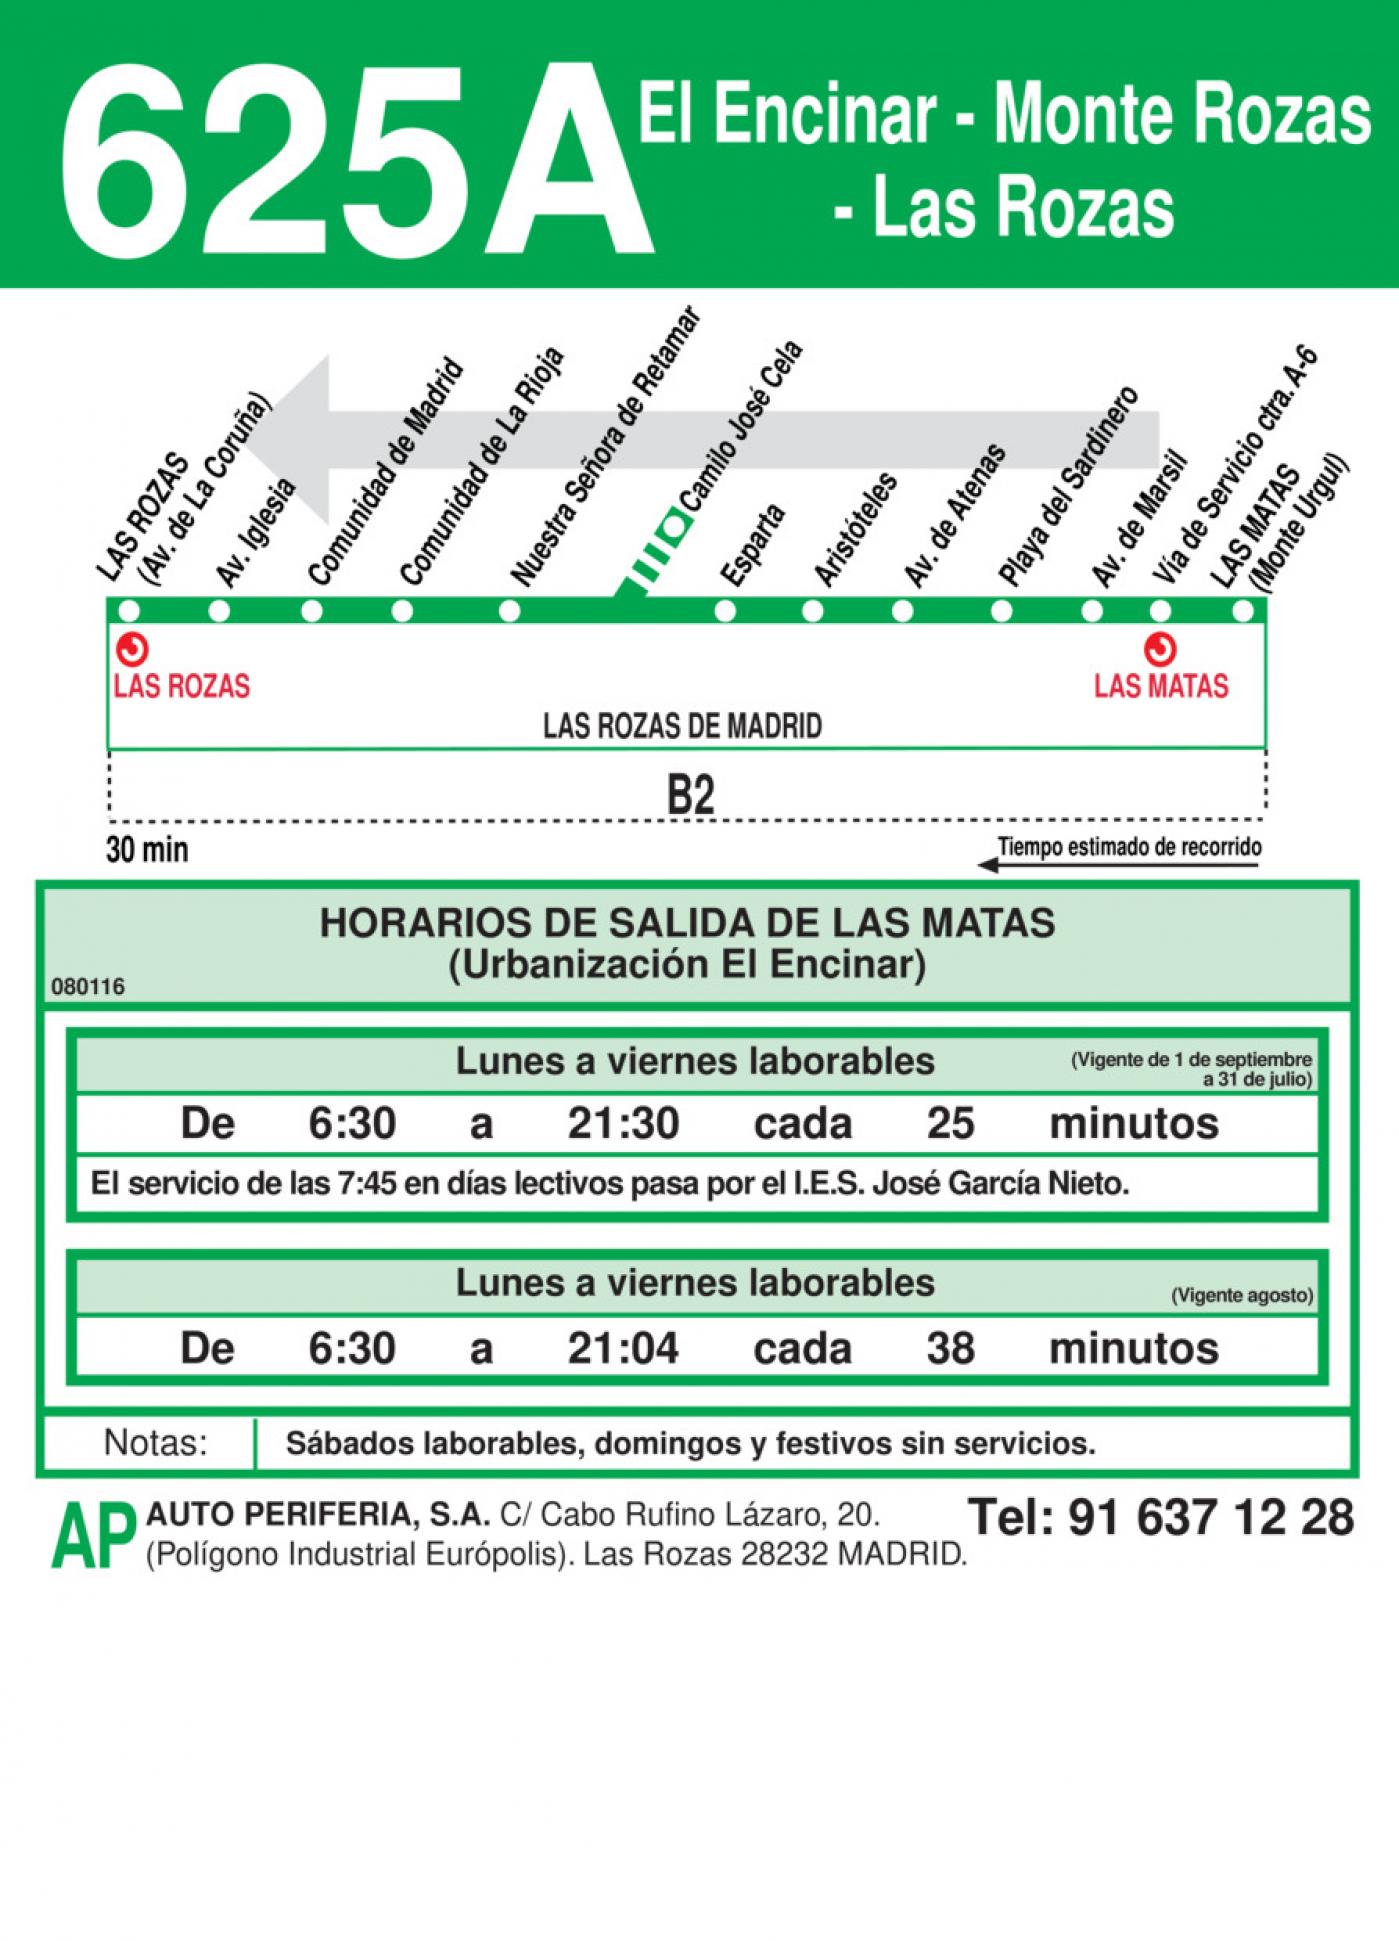 Tabla de horarios y frecuencias de paso en sentido vuelta Línea 625-A: Las Rozas - Monte Rozas - El Encinar